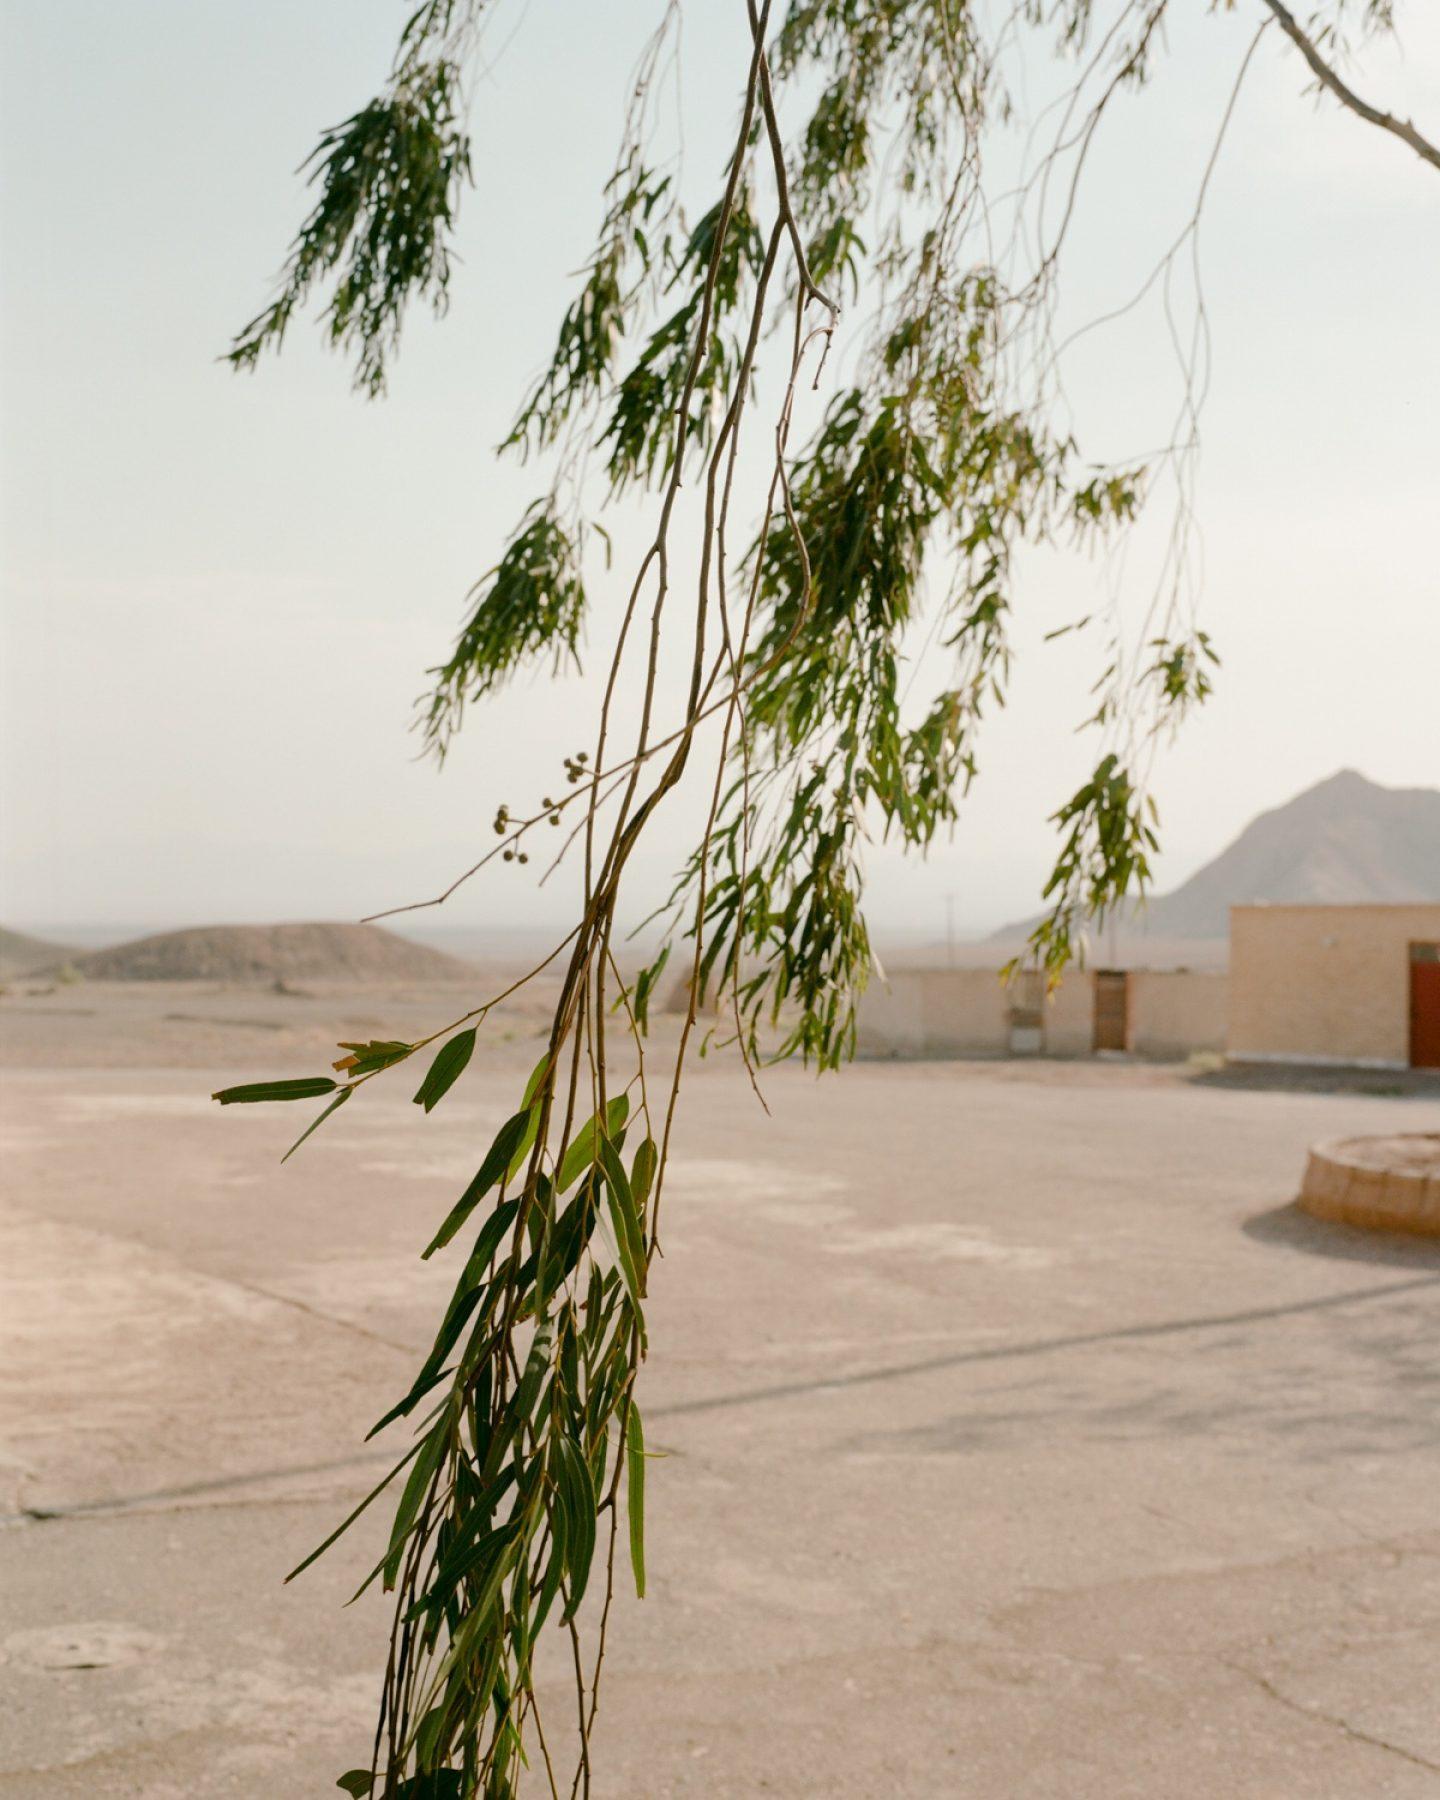 IGNANT-Photography-Matthieu-Litt-Through-The-Walls-8